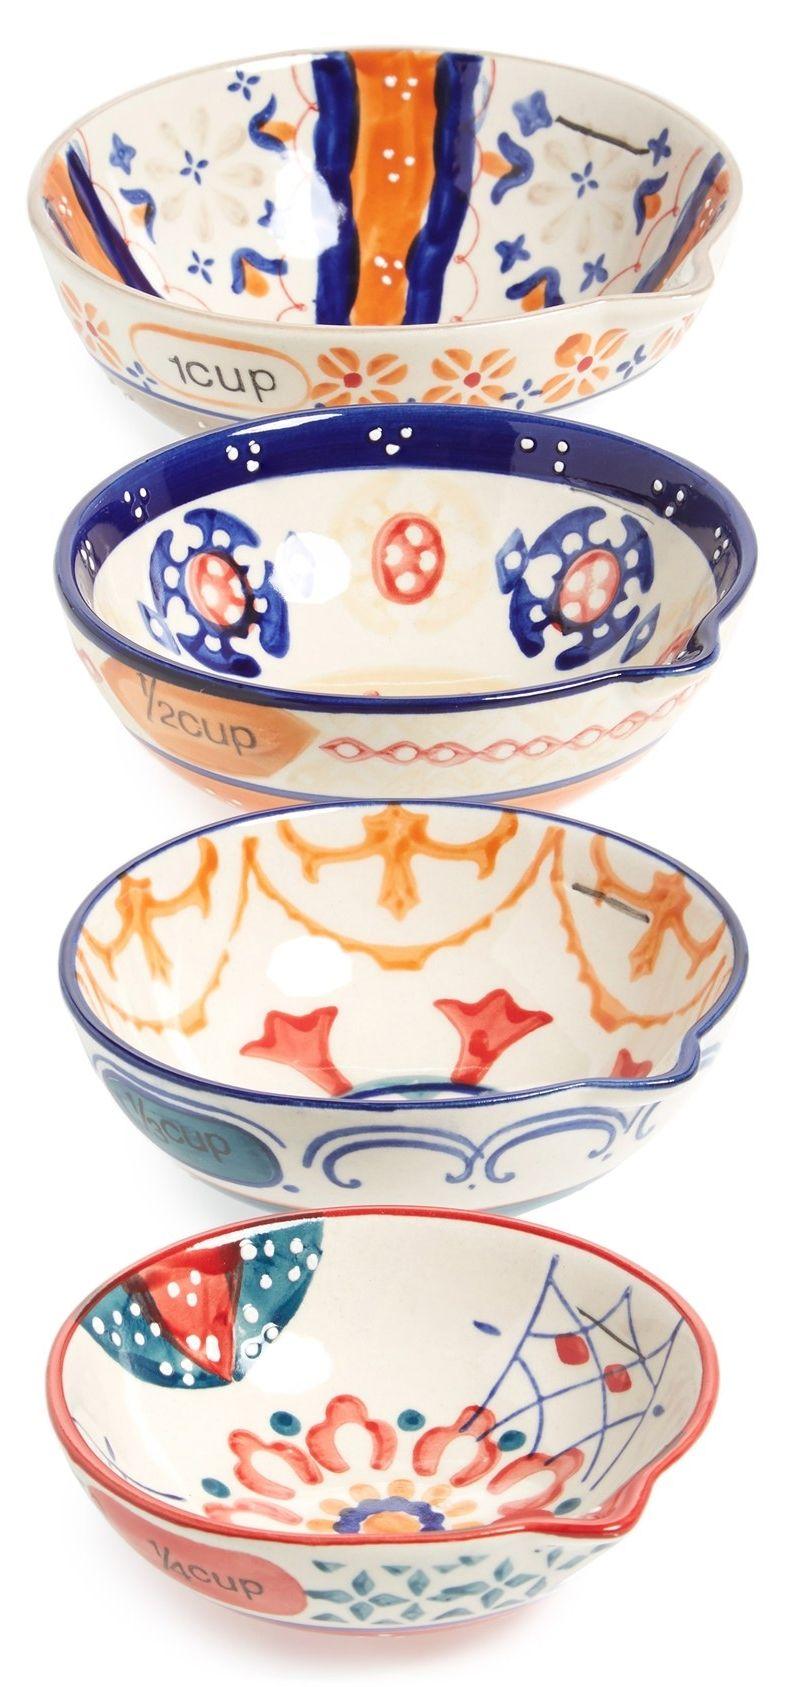 Küchen design messungen vintage ceramic measuring cups  porcelanas  pinterest  küchenwelt